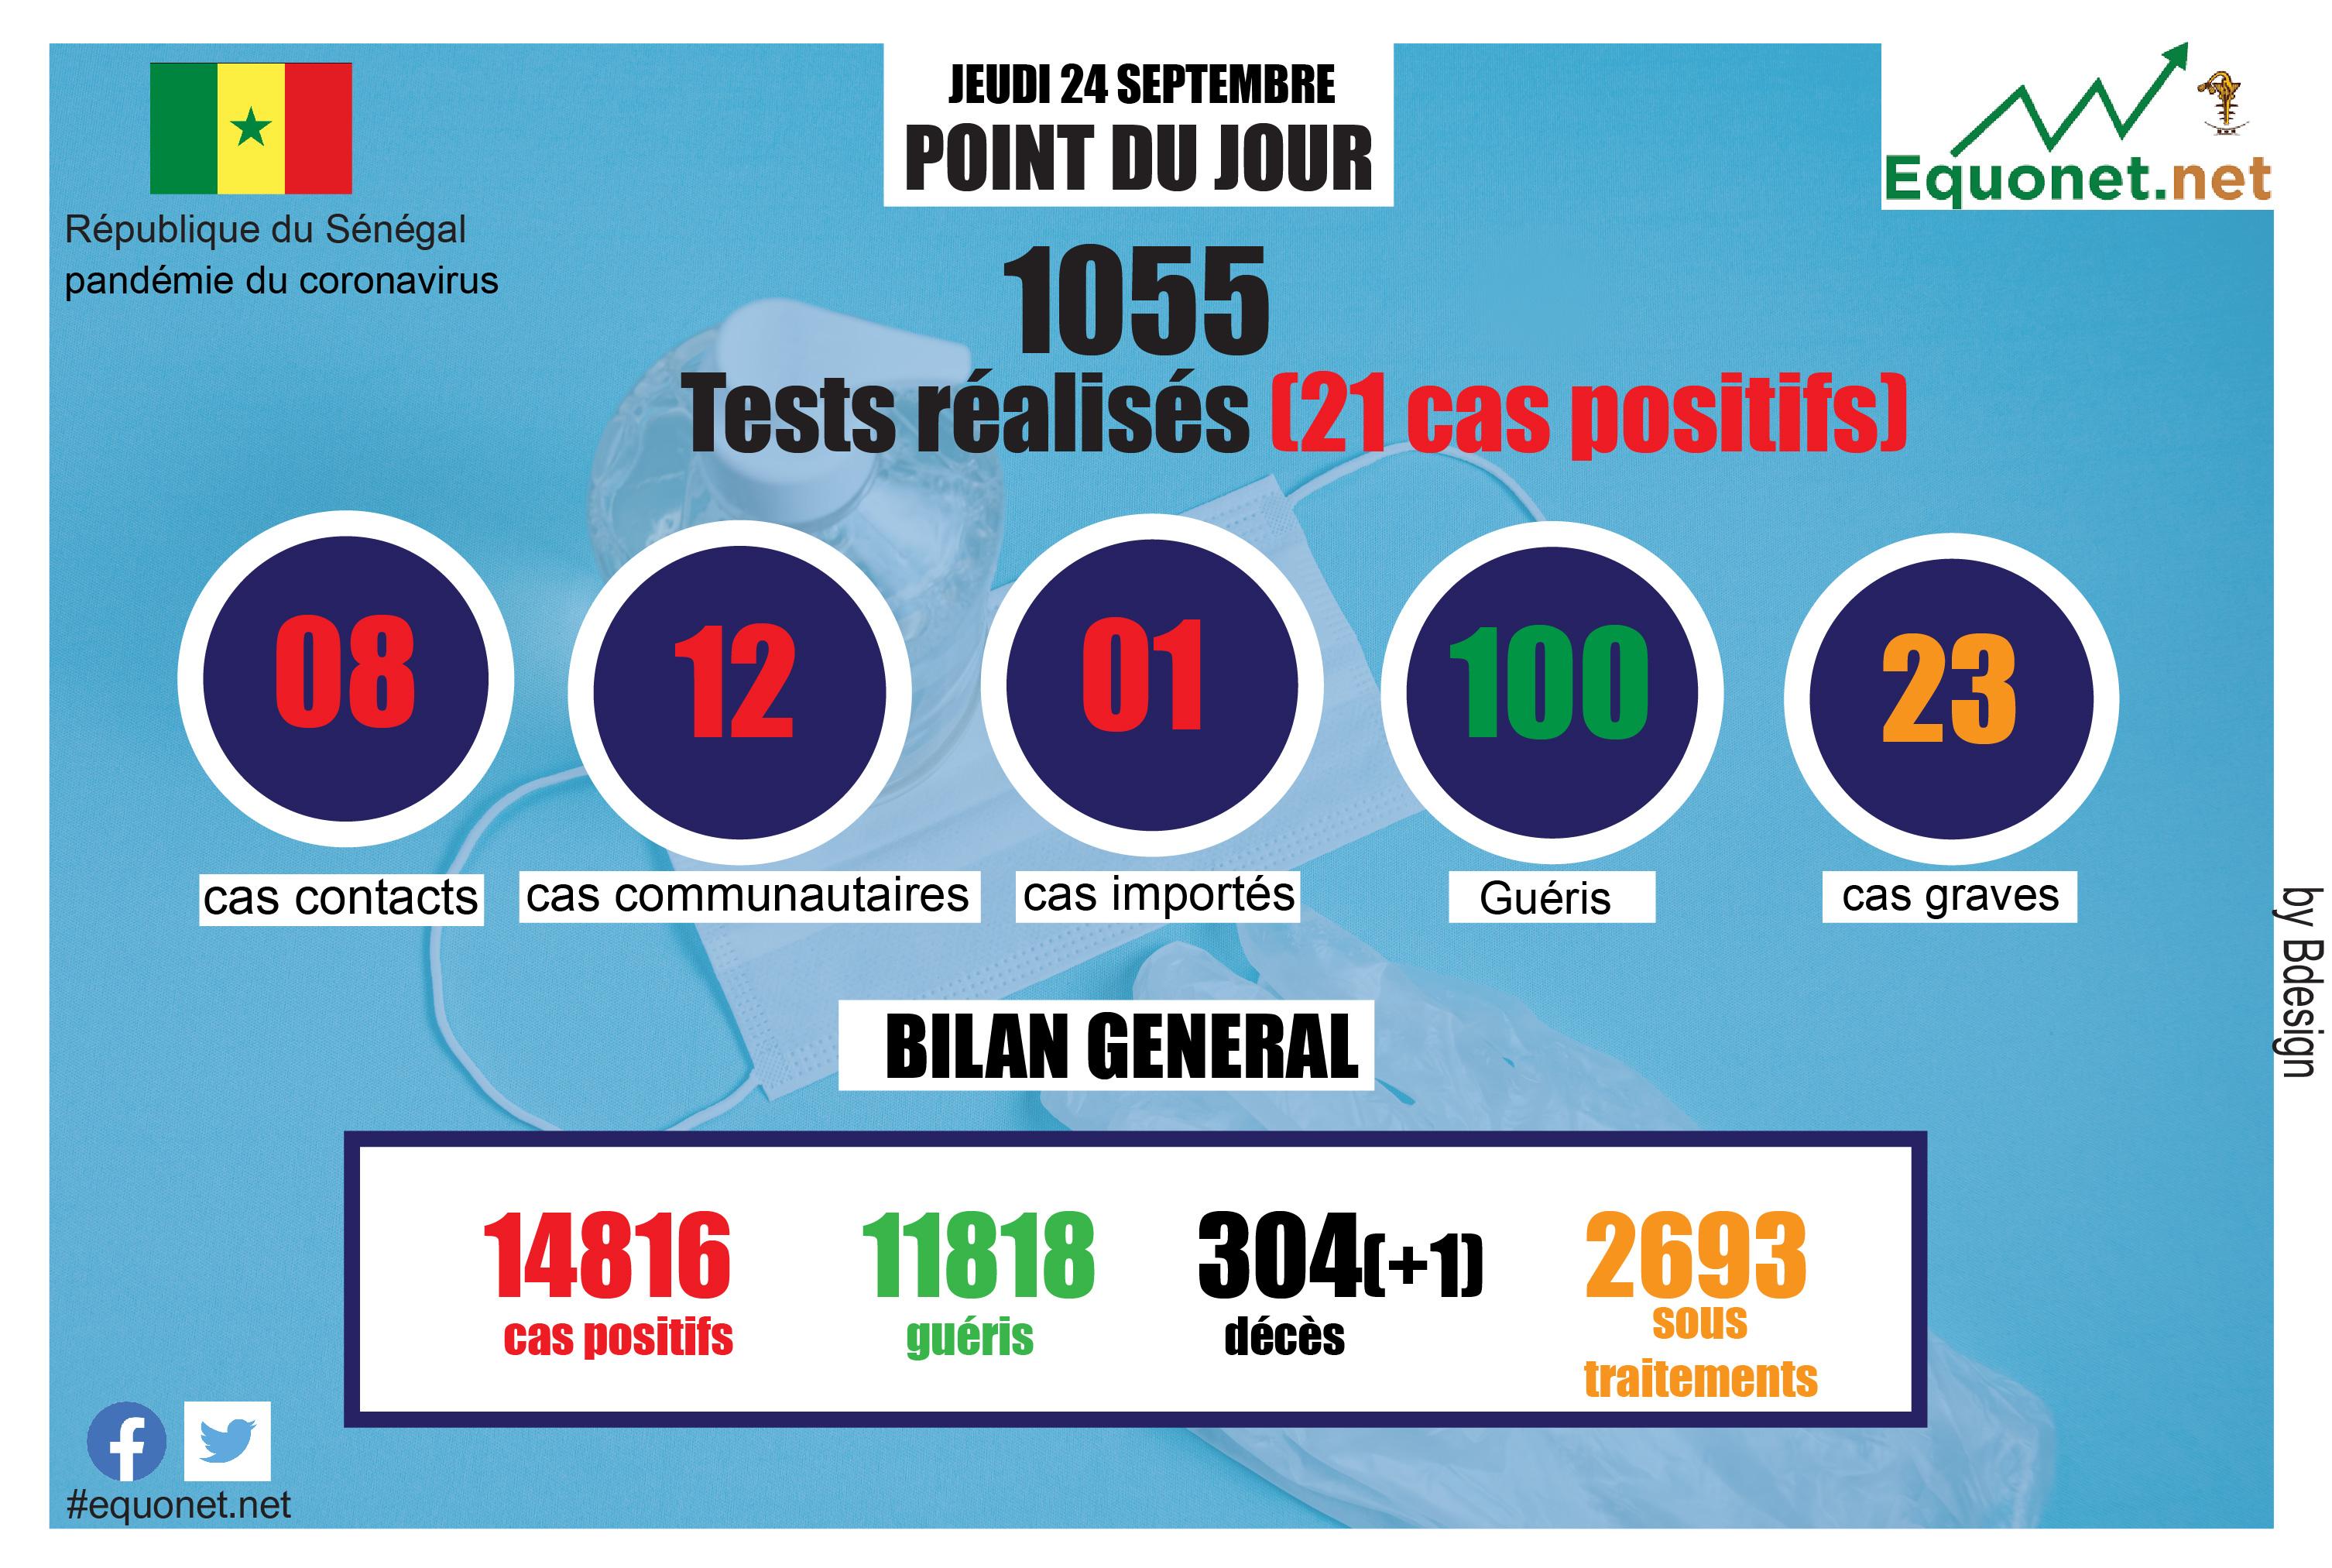 pandémie du coronavirus-covid-19 au sénégal : point de situation du jeudi 24 septembre 2020